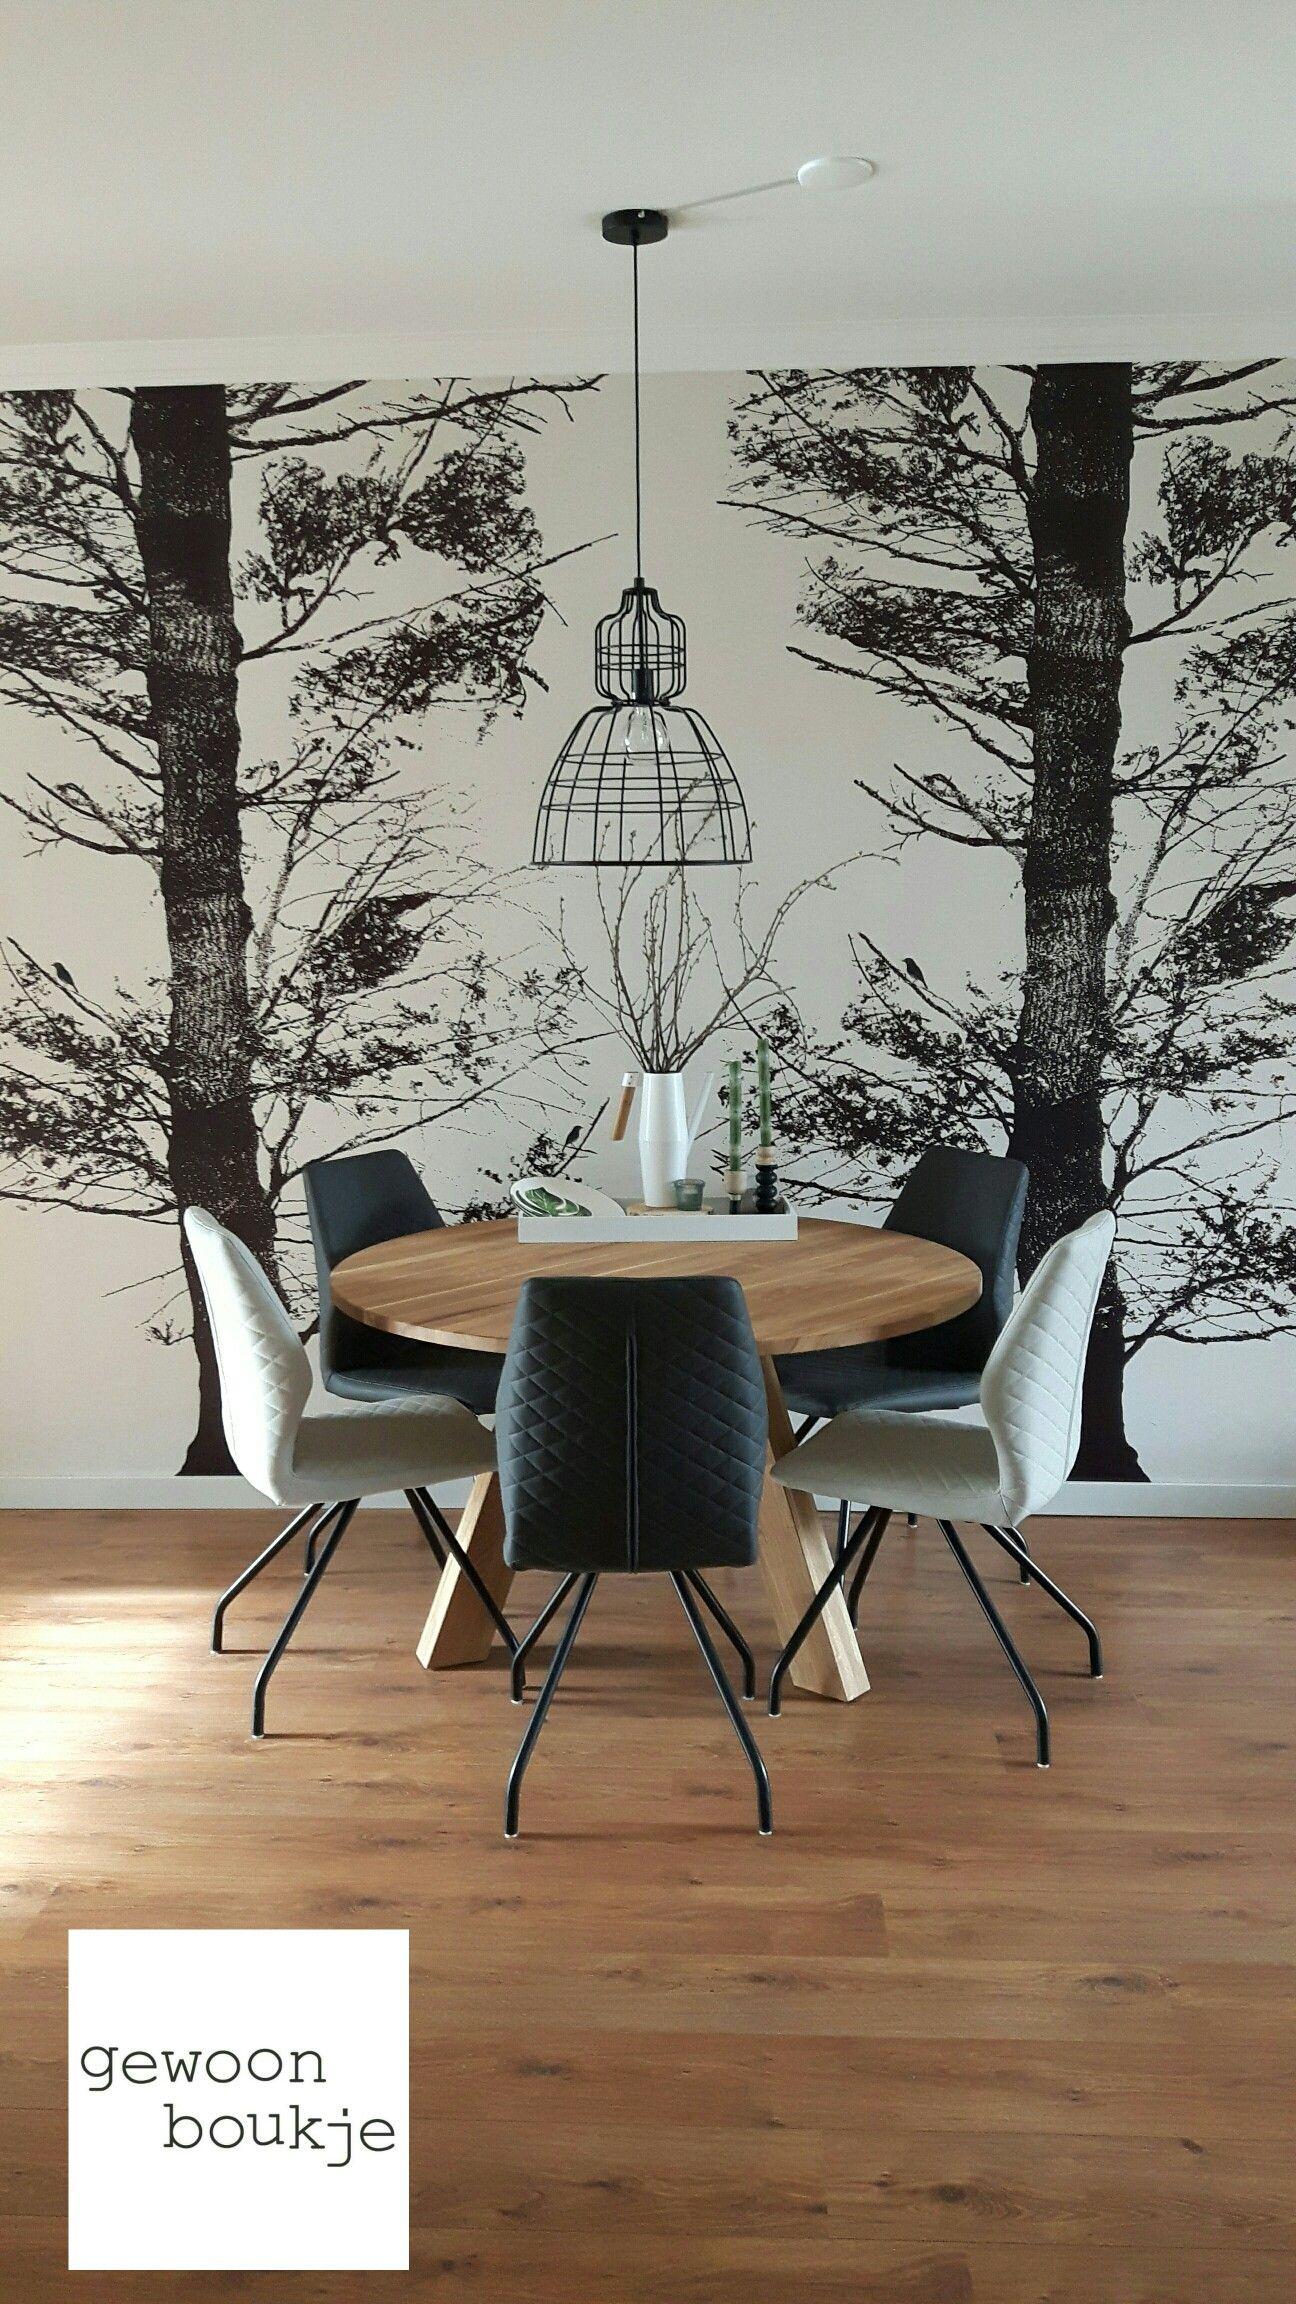 Behang in eethoek also deco graphique et douce industriel vegetal la nature   rh nl pinterest